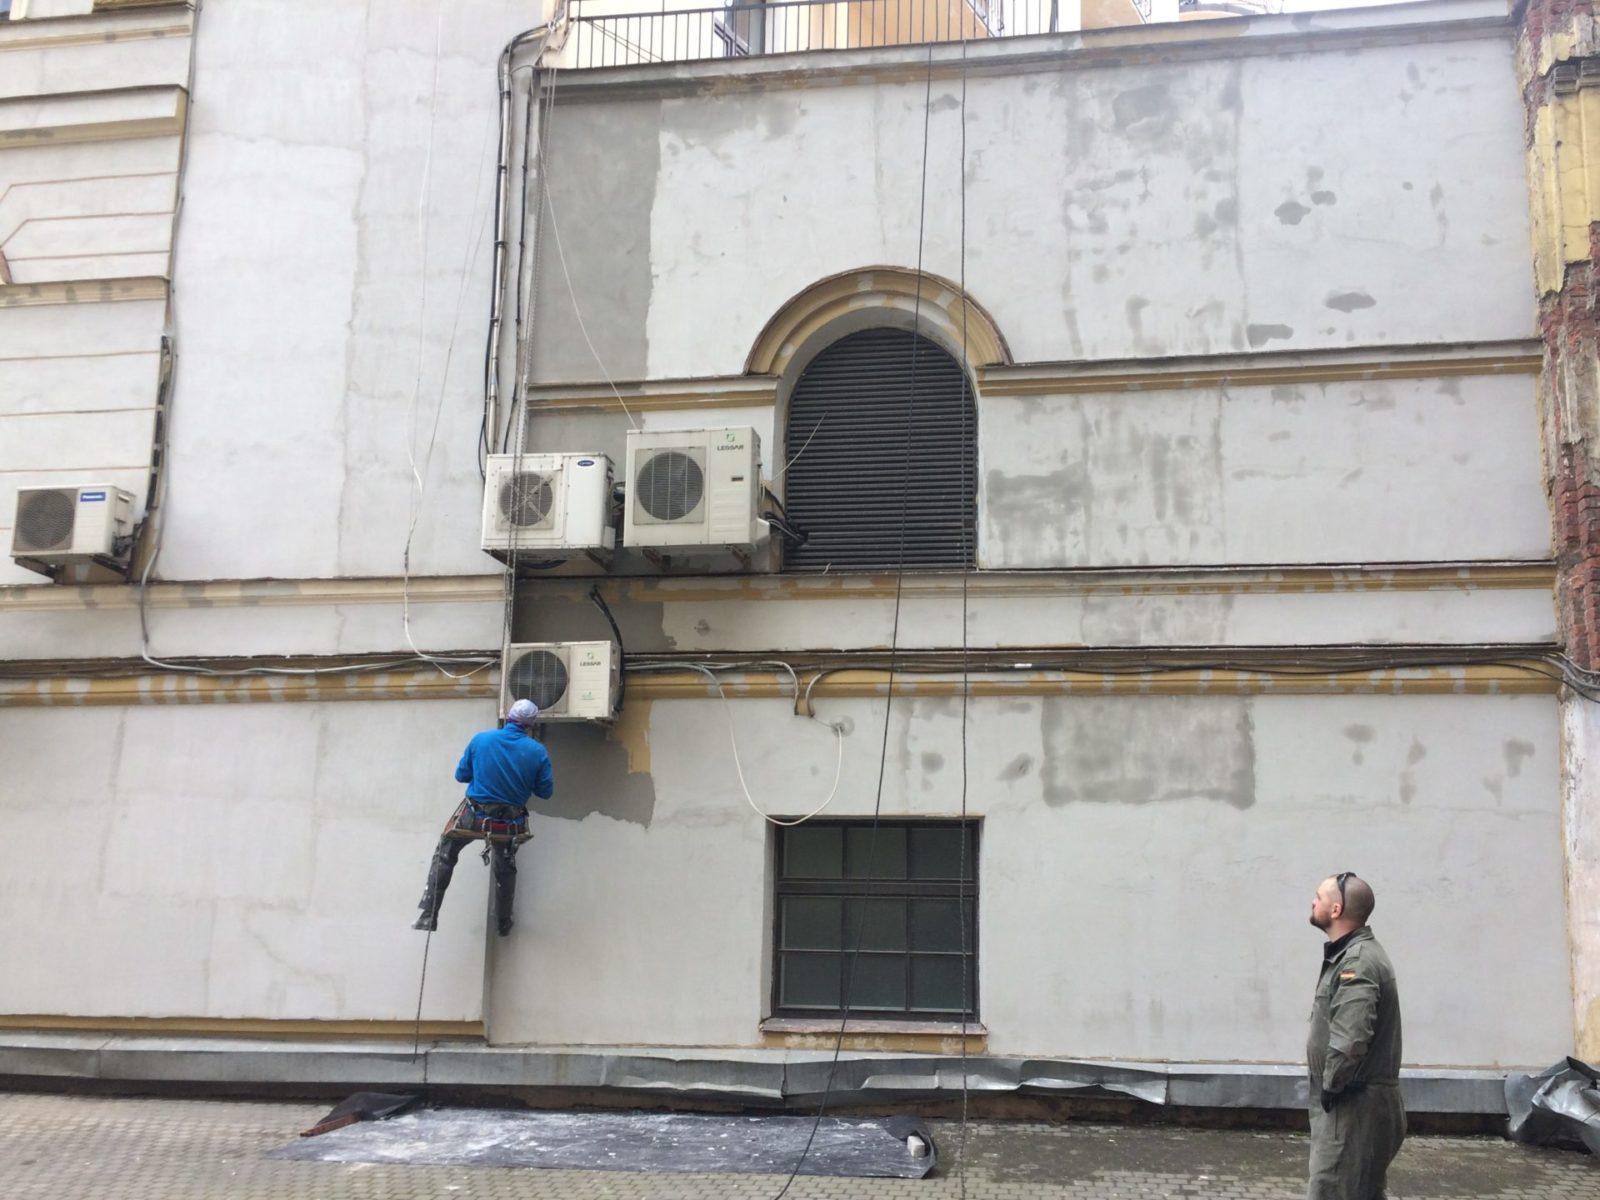 Выполнение фасадных работ здания Консульство Нидерландов, Набережная реки Мойки д.11